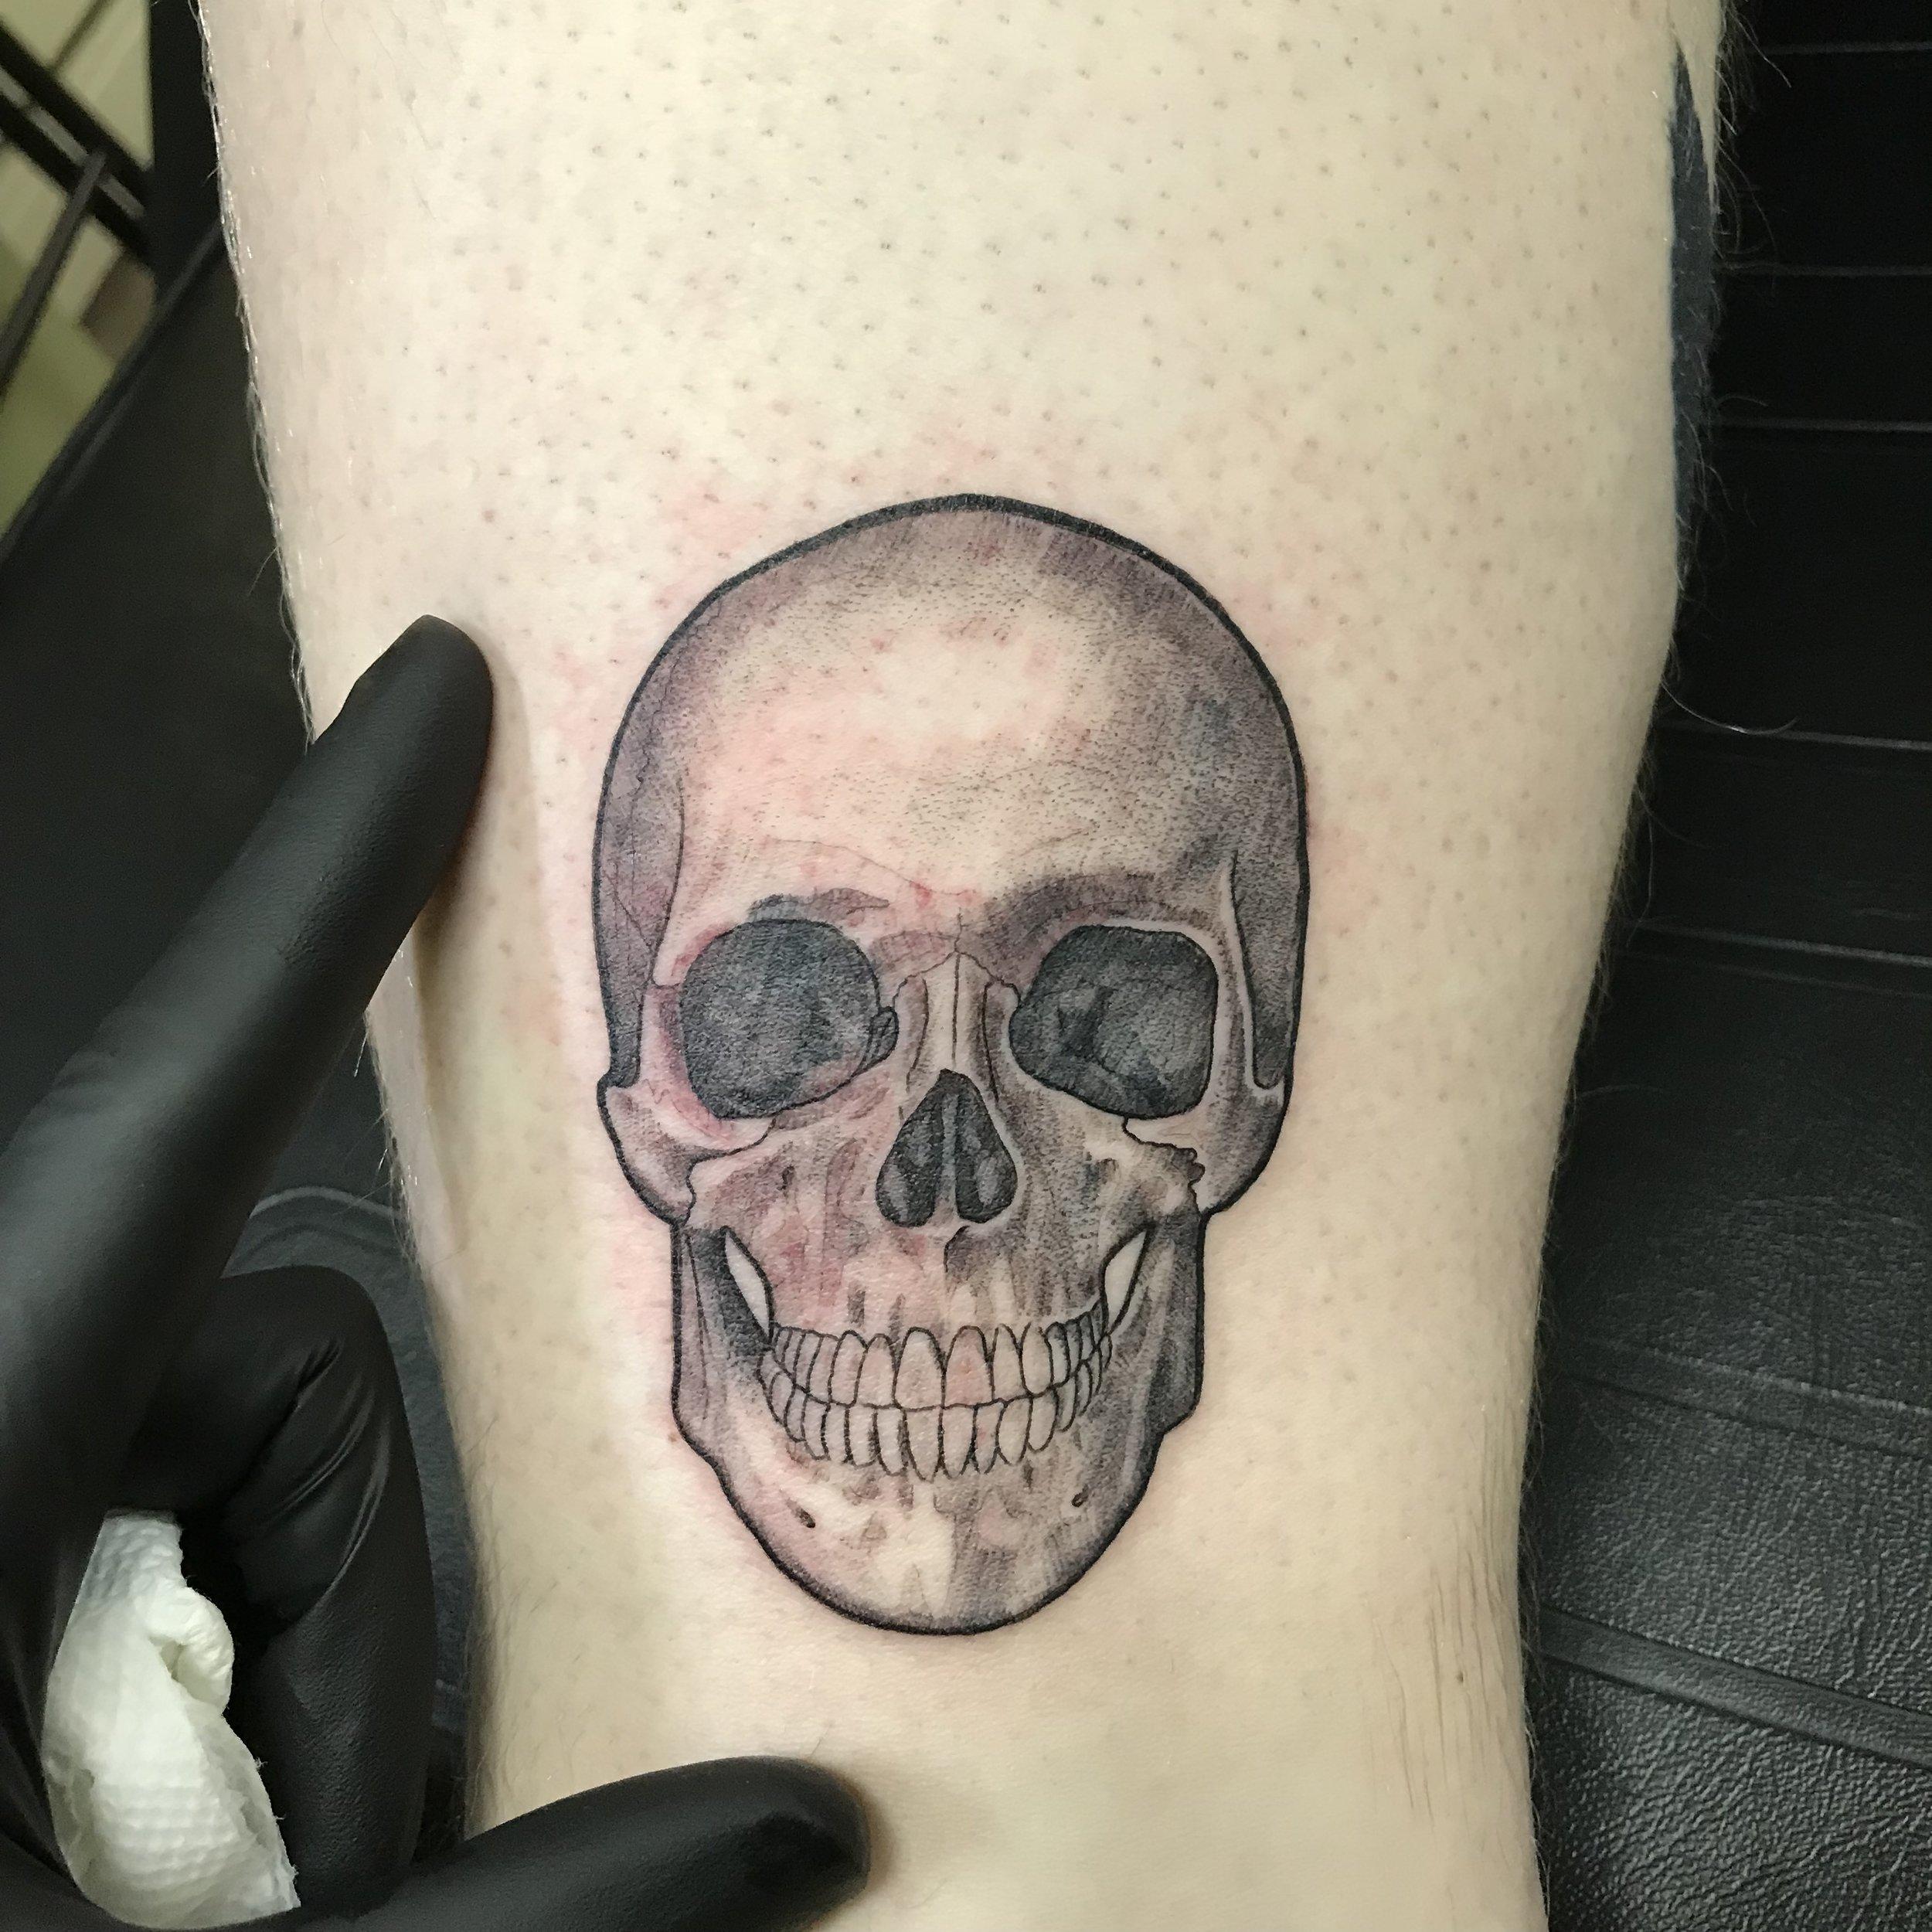 fine line single needle Justin Turkus Philadelphia best tattoo artist rob skull anatomical.jpg